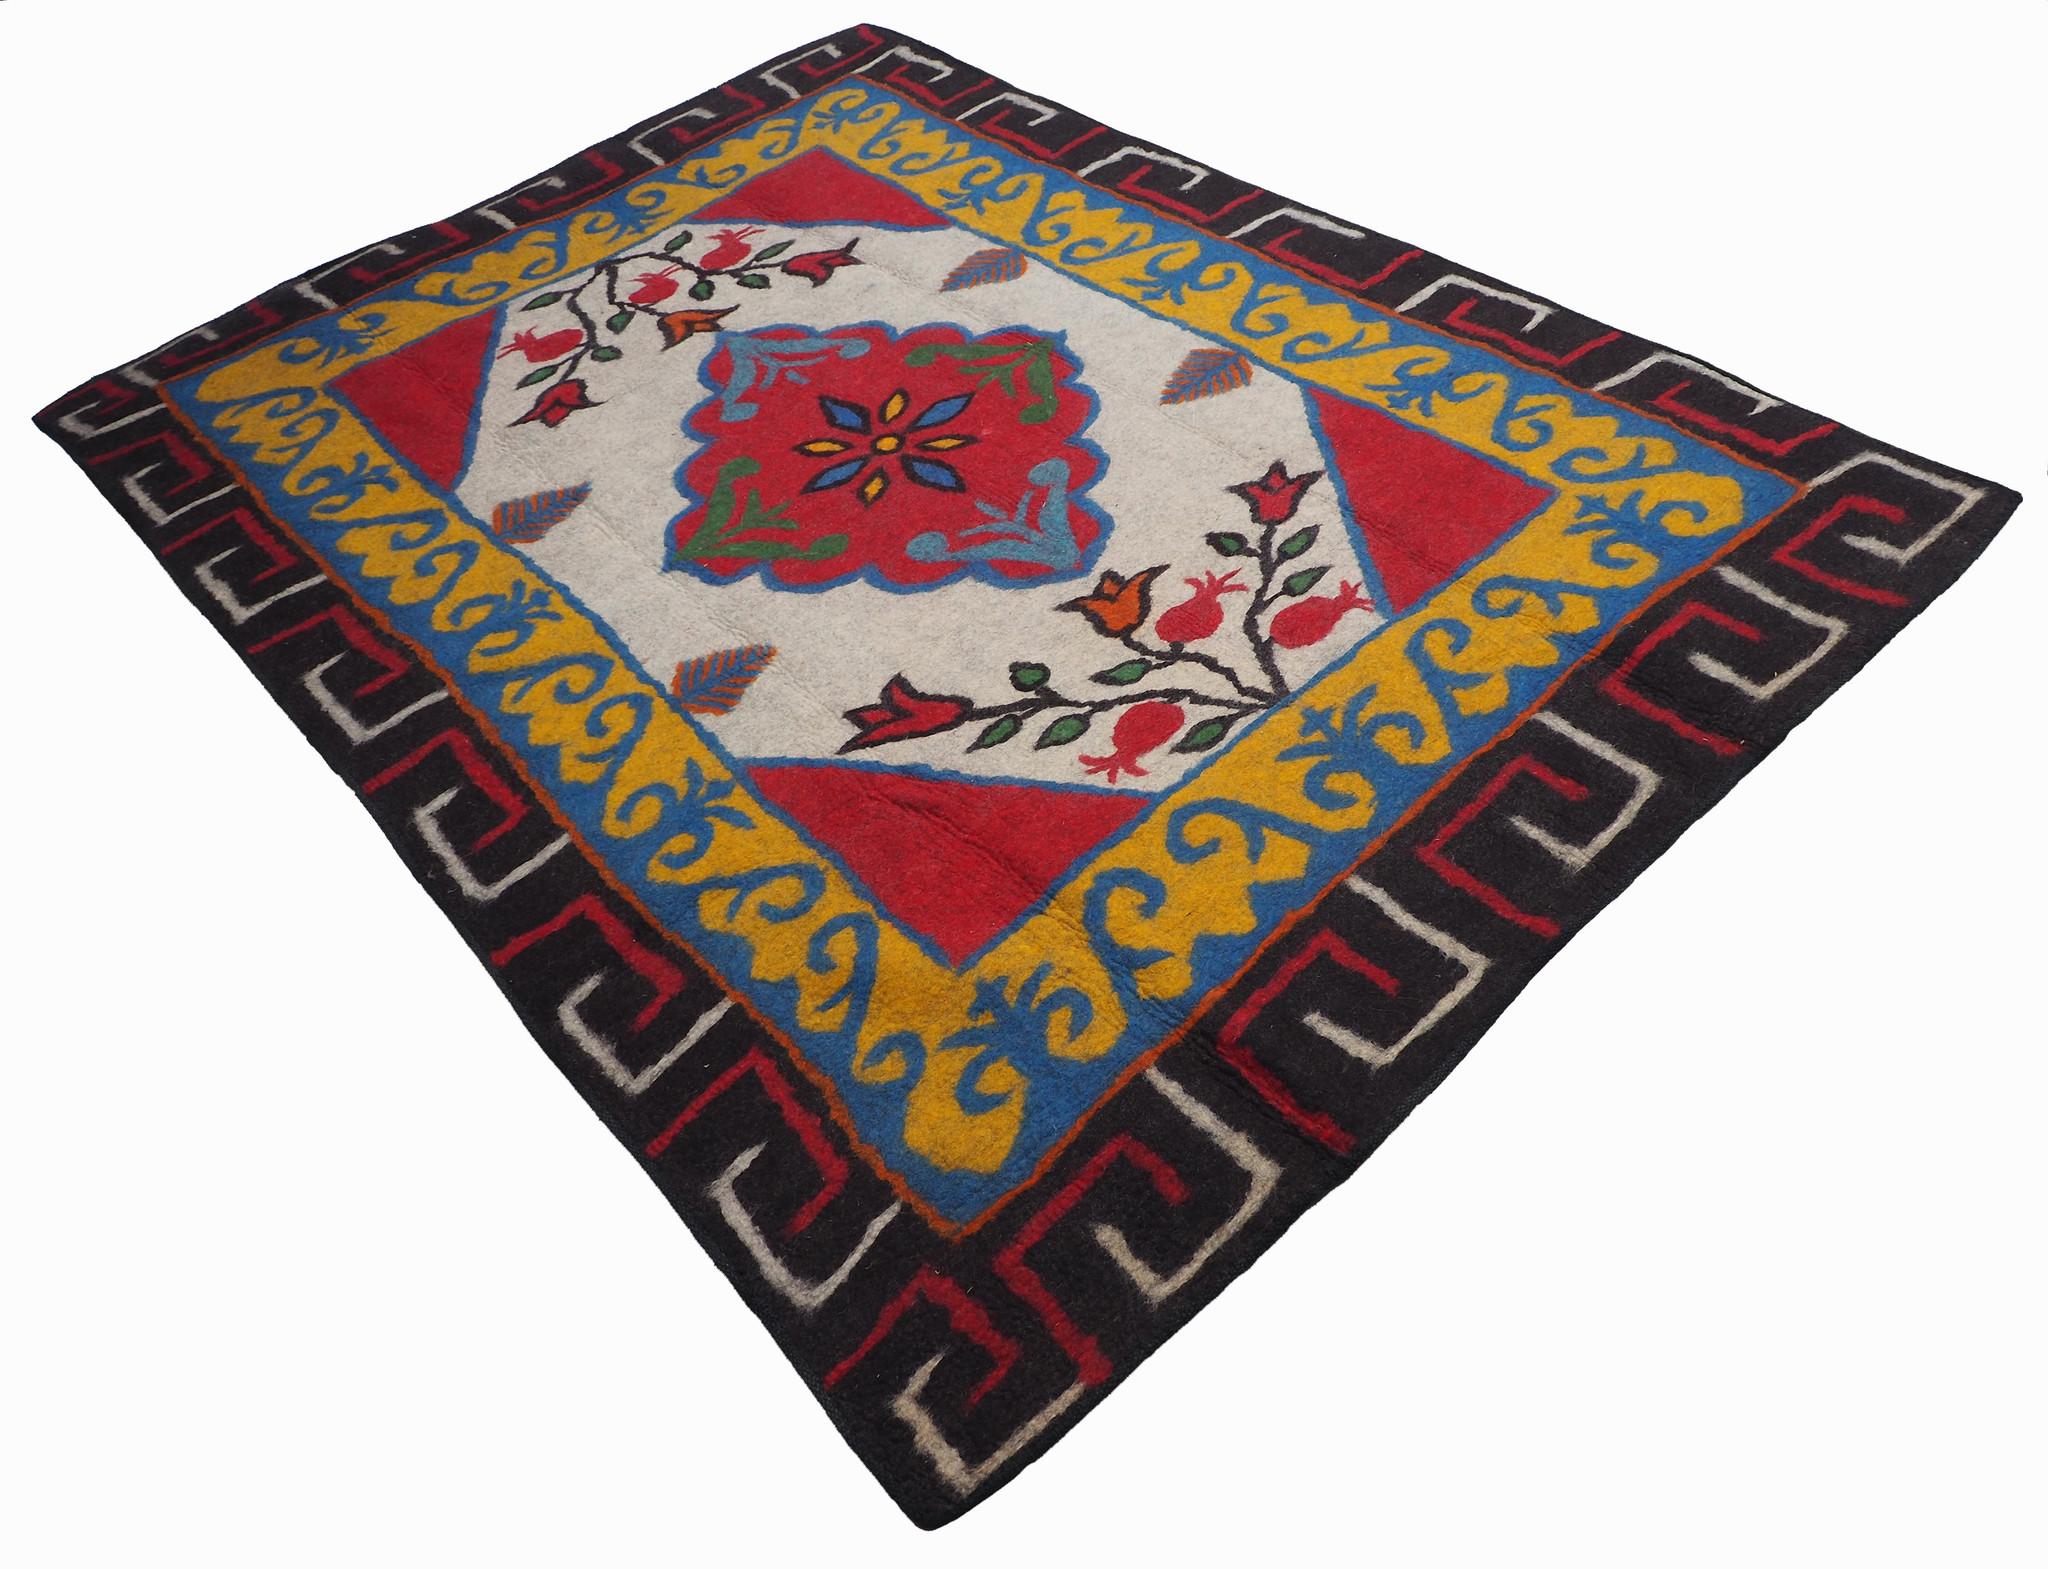 296x210 cm  tribal Nomadic Turkmen nomads Vintage felt rug rug from Afghanistan feltrug carpet shyrdak No-701